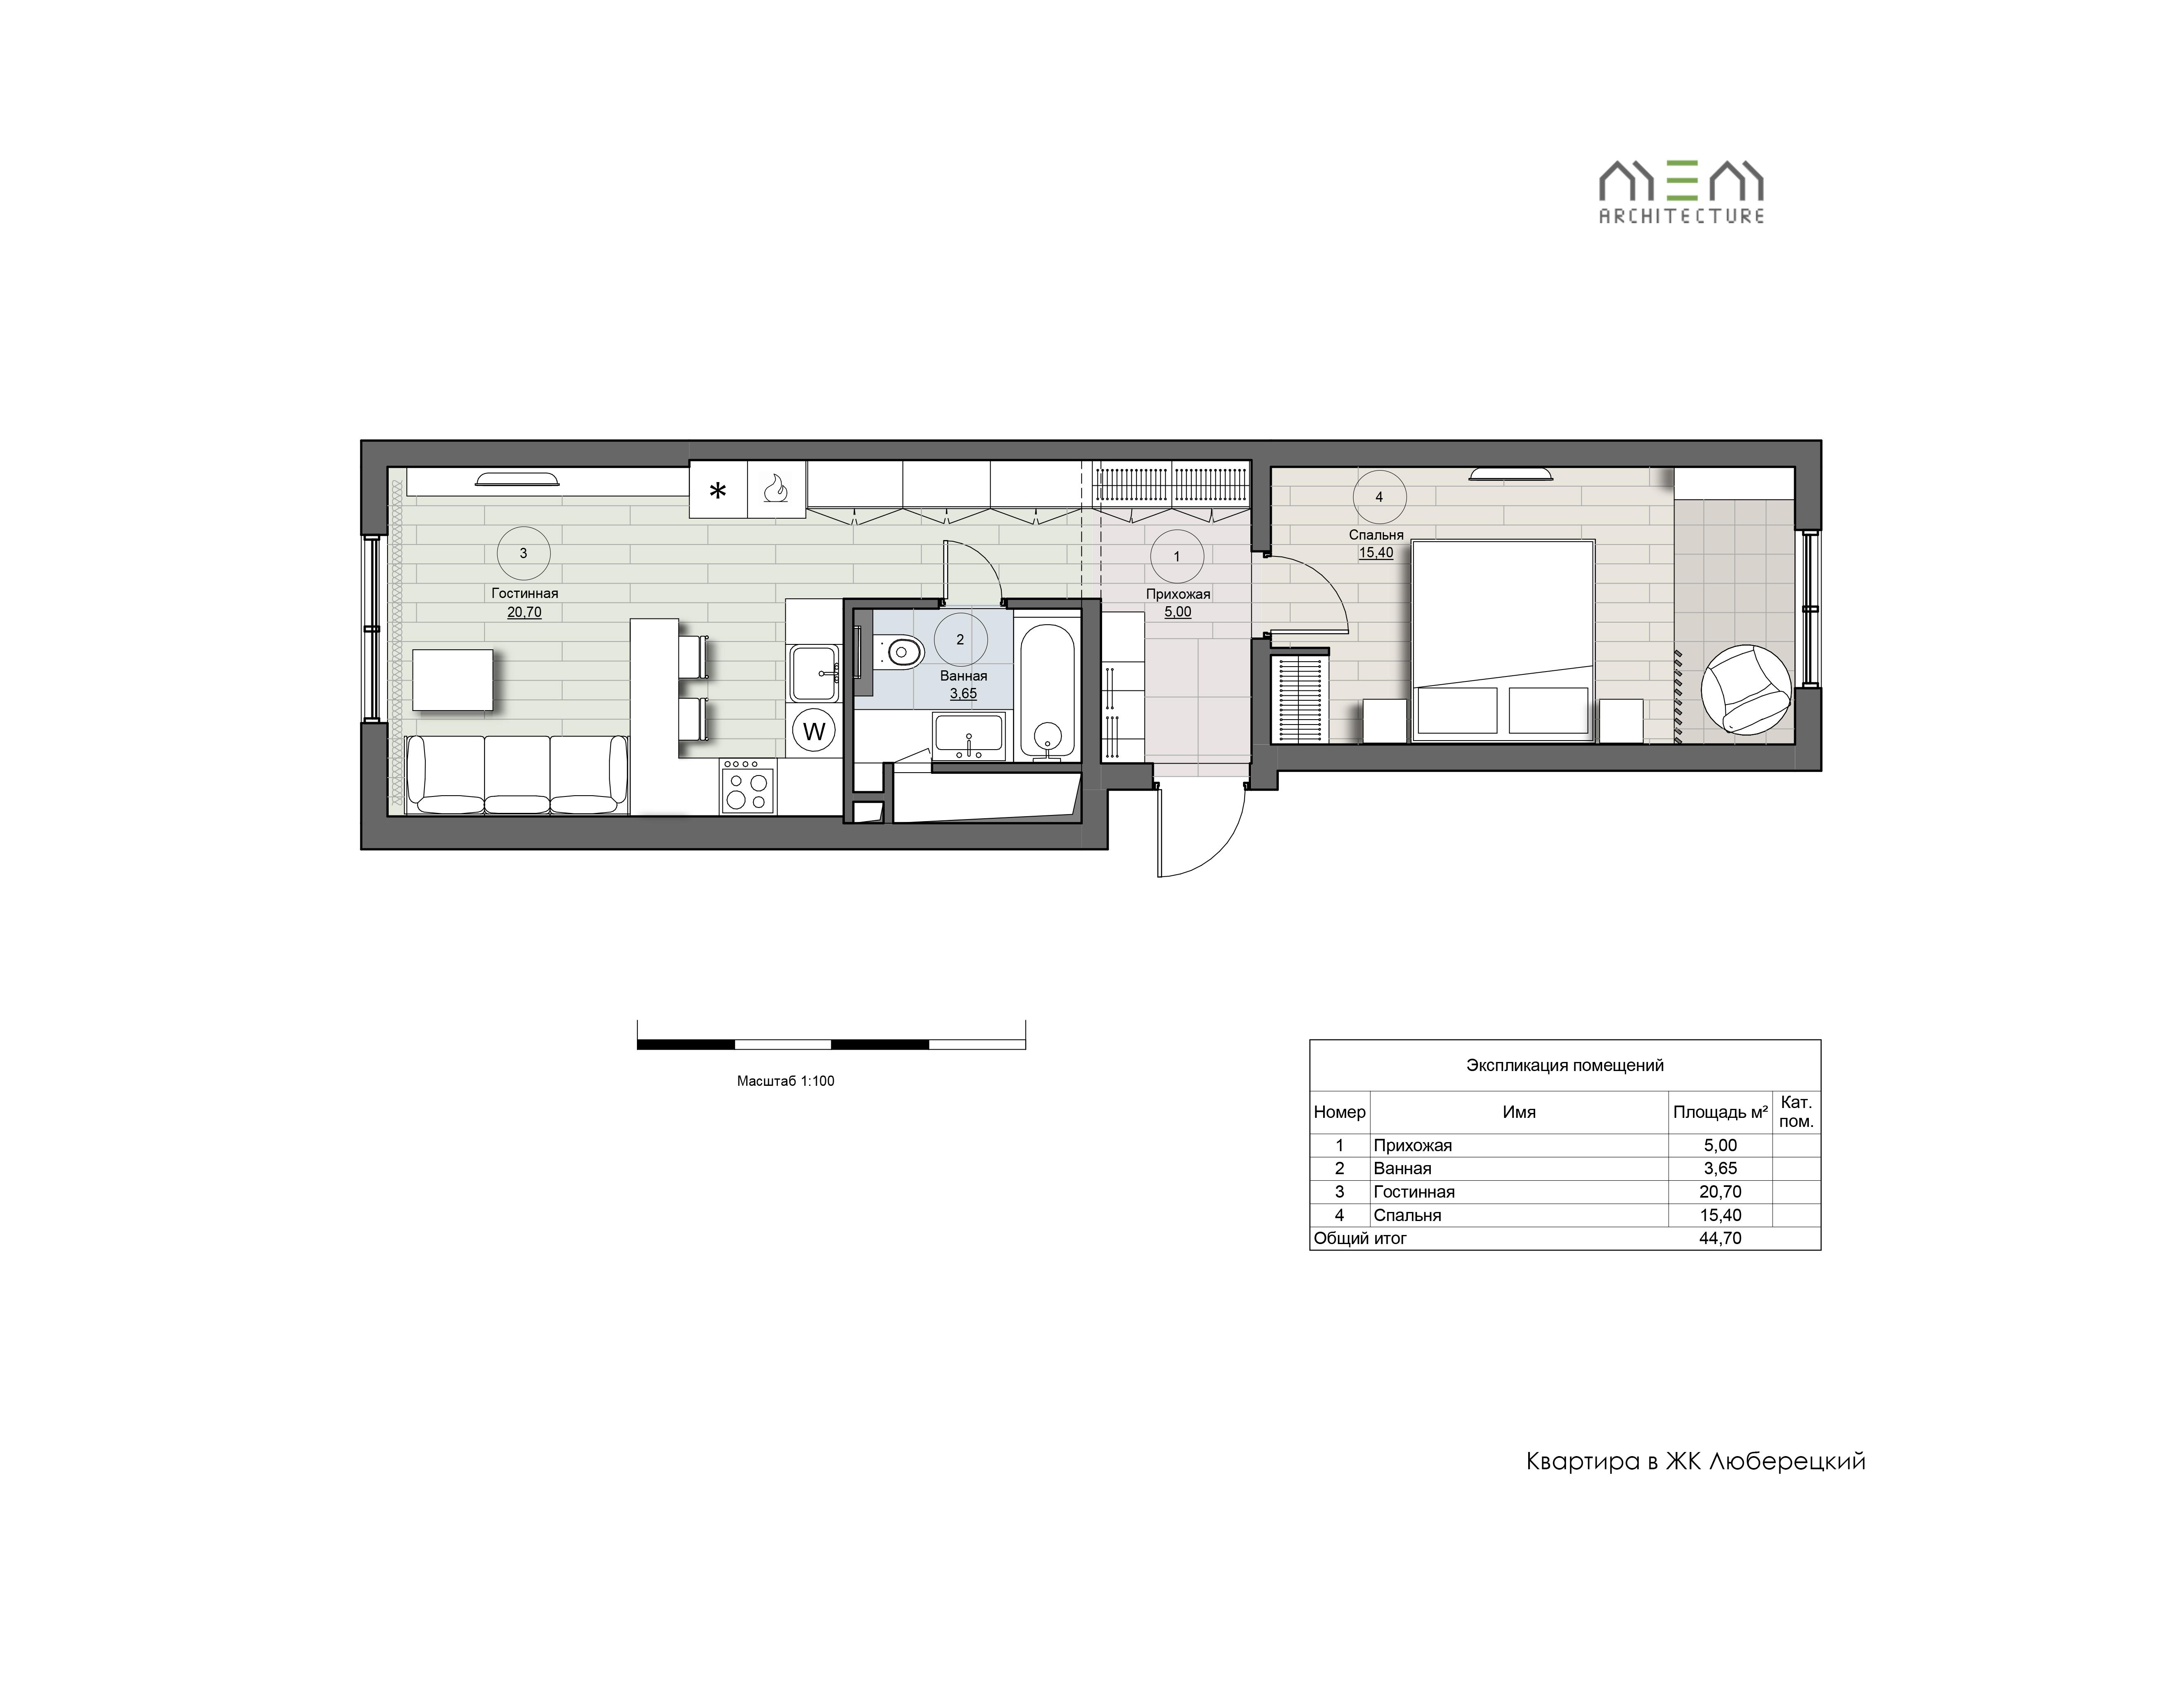 -   Дизайн проект квартиры 45м2 в ЖК Люберецкий